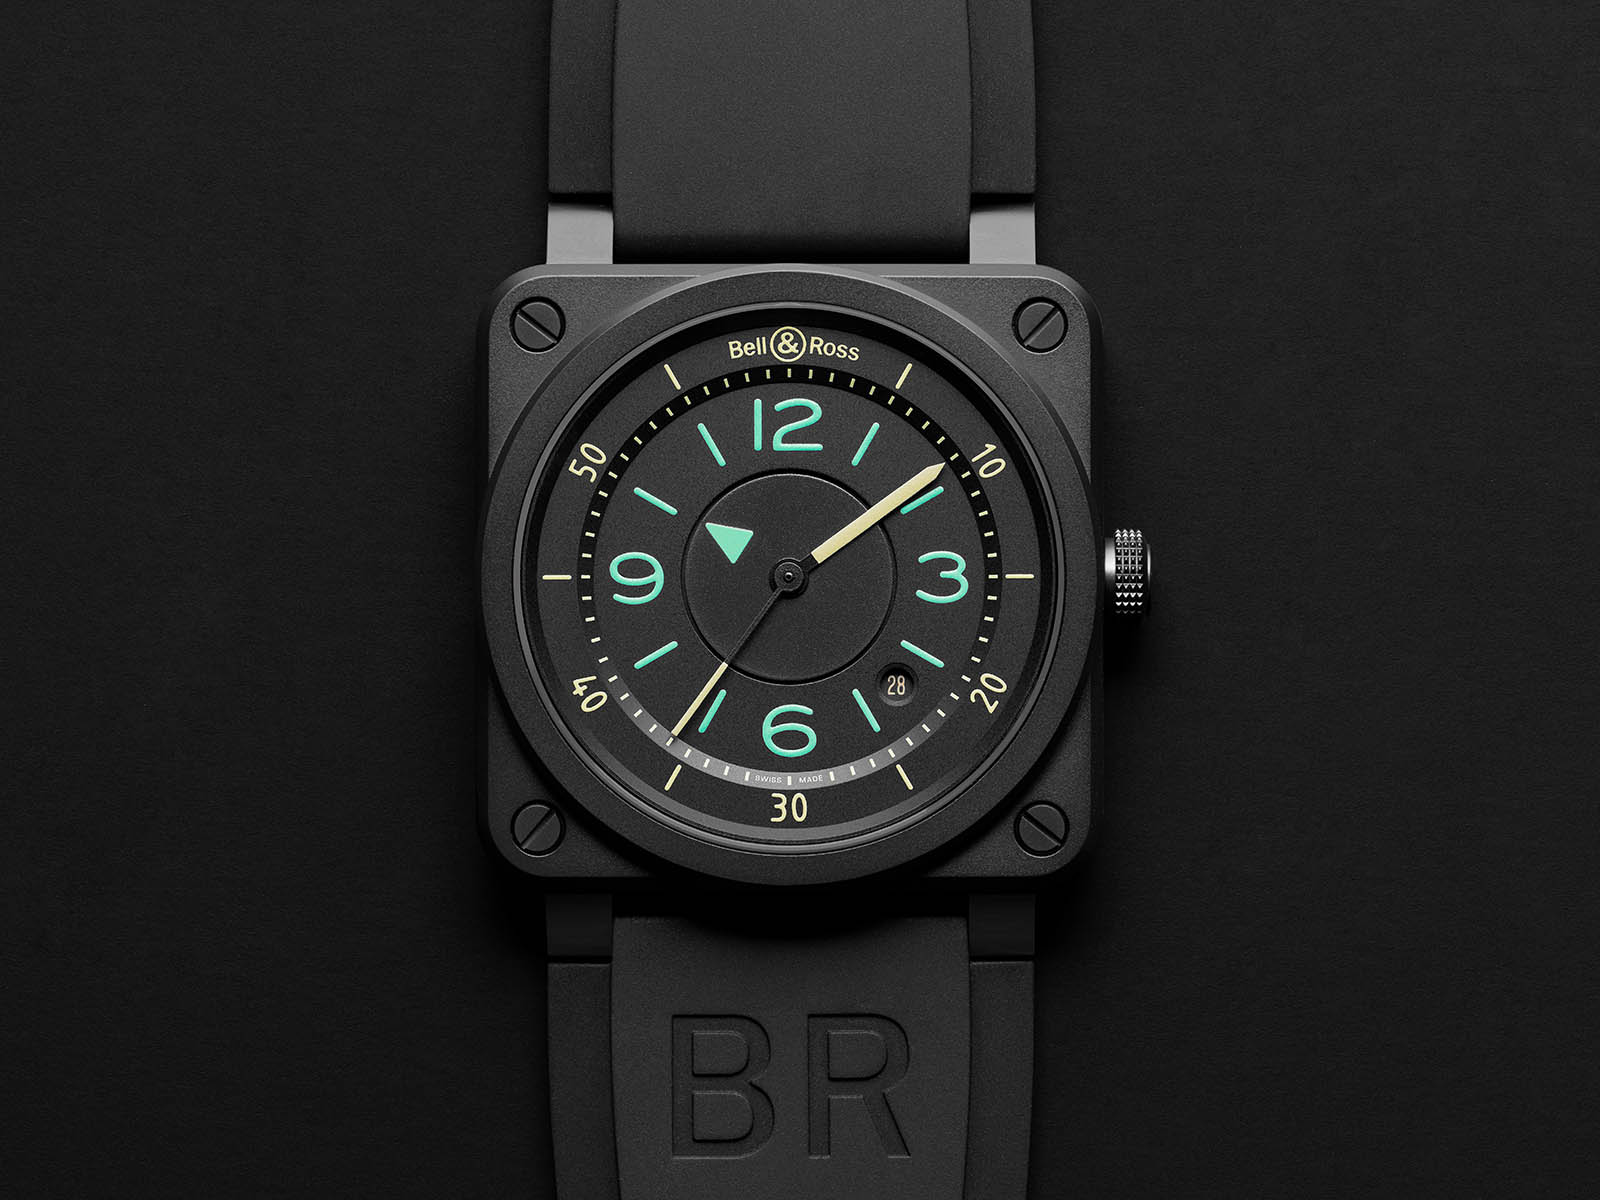 br0392-idc-ce-srb-bell-ross-br-03-92-bi-compass-2.jpg